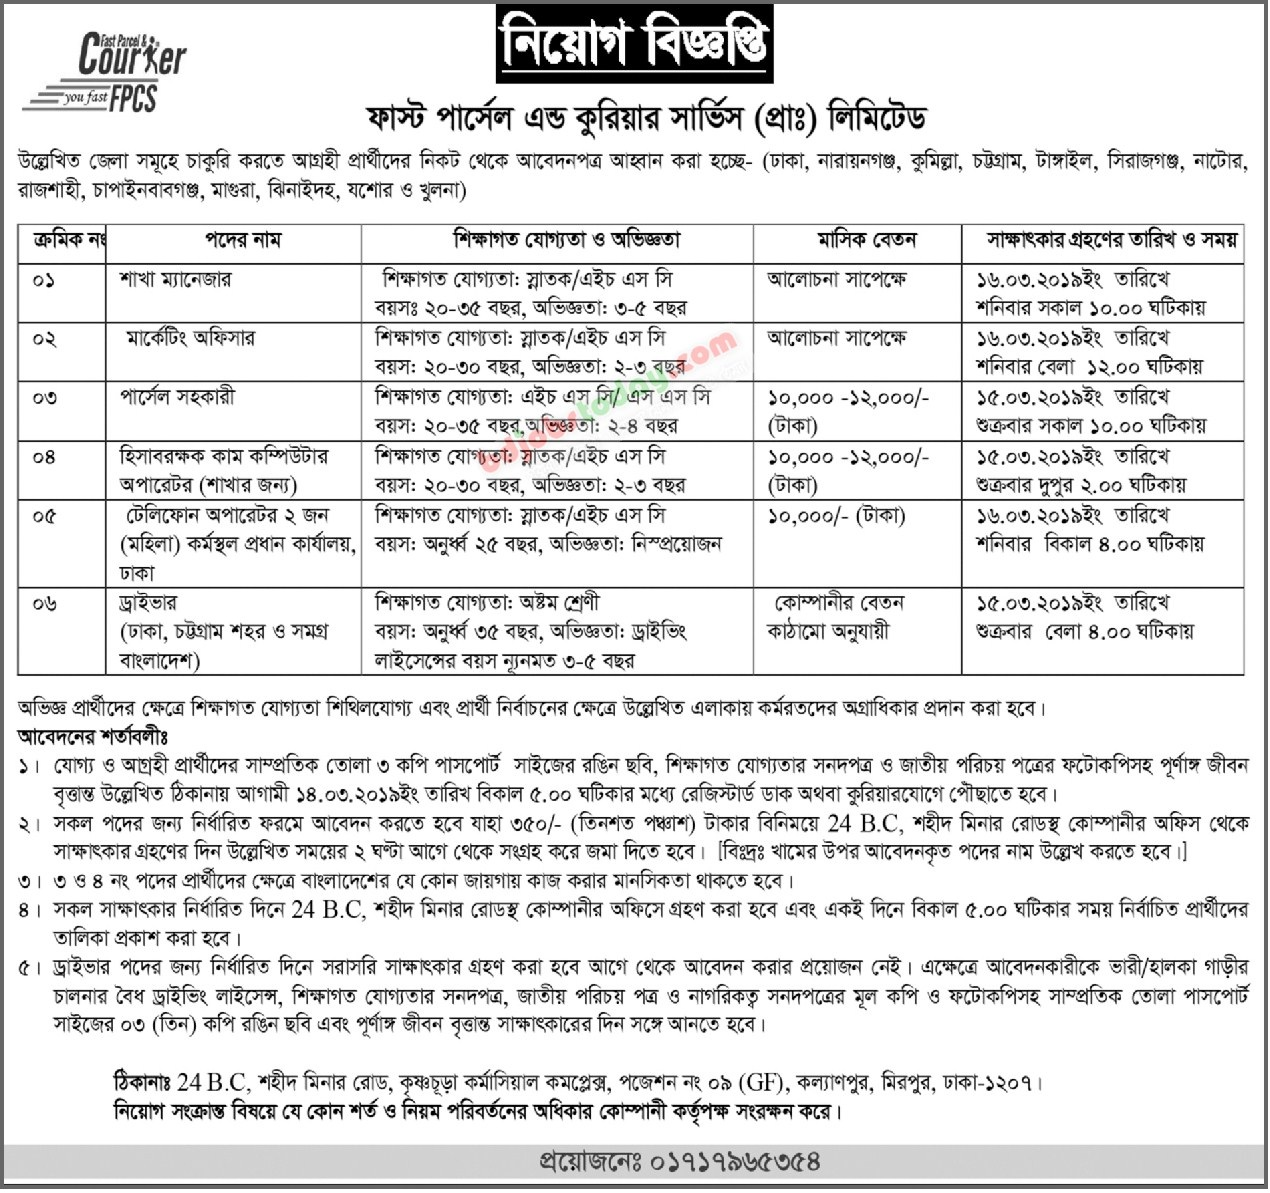 4a193132 Prothom Alo Newspaper Job Circular 2019 | BD Jobs Careers